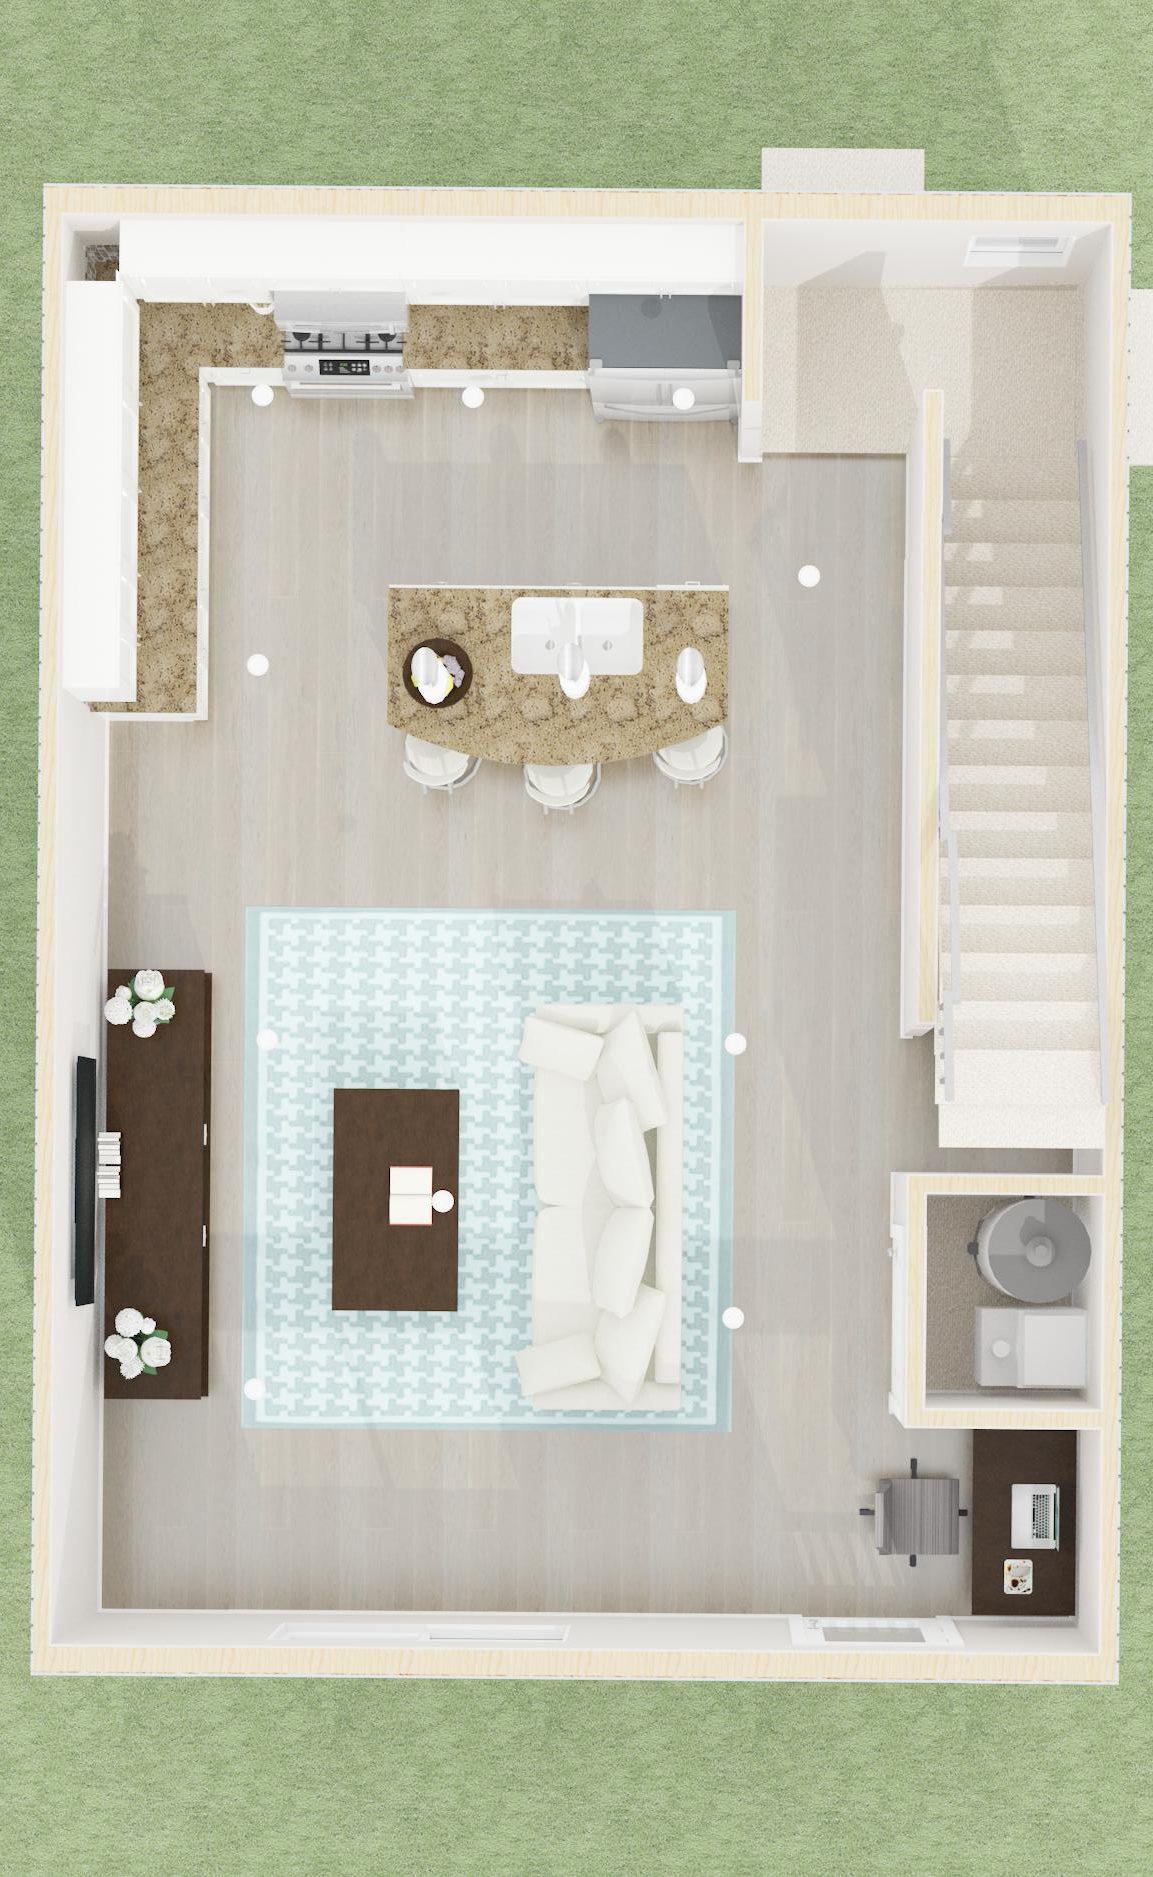 2nd-Floor-e1477060844805.jpg